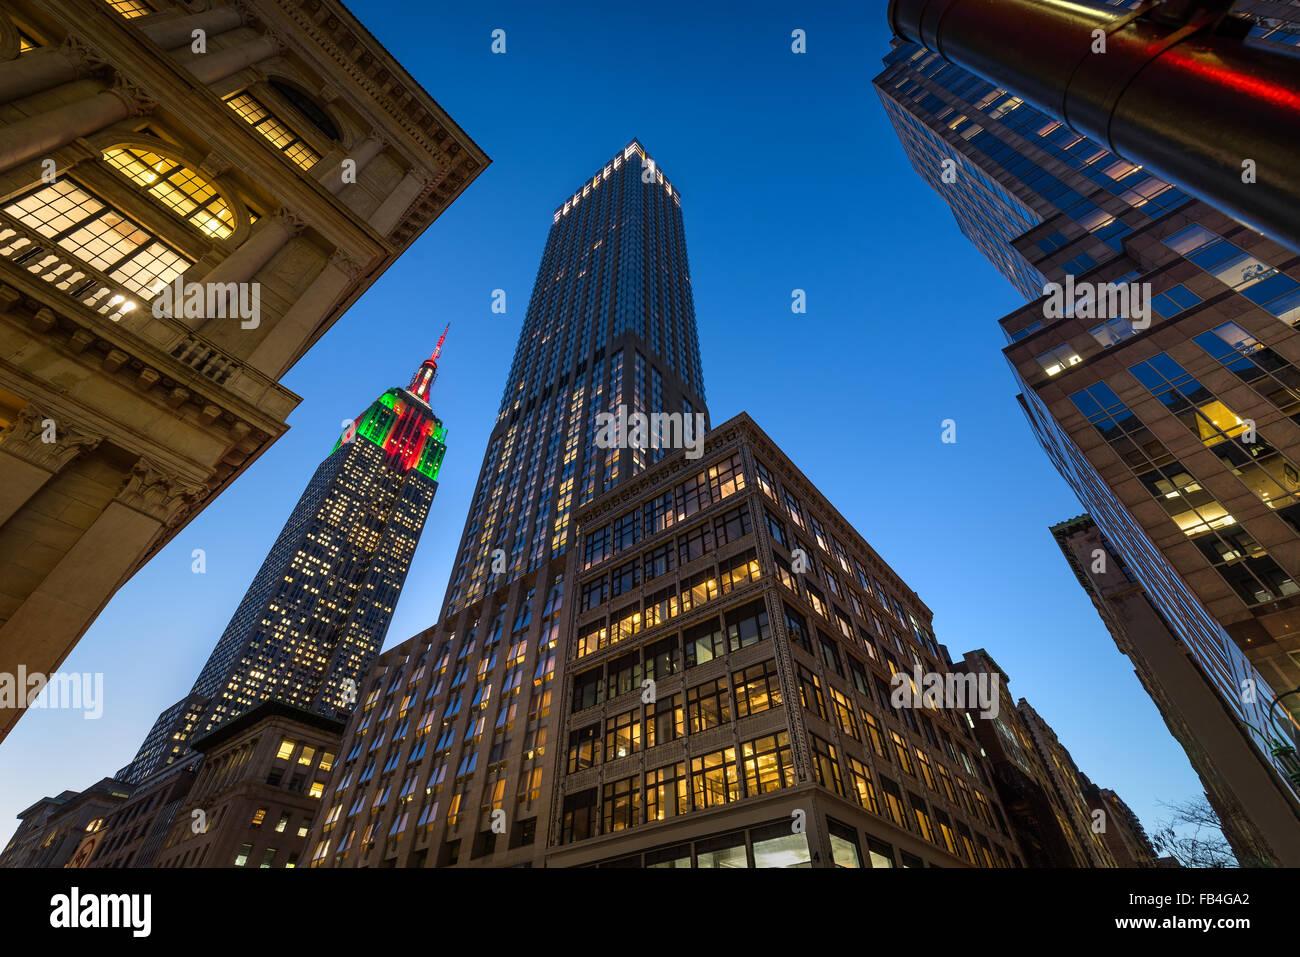 L'Empire State Building illuminato con luci di Natale al crepuscolo. Grattacieli sulla Quinta Avenue, Midtown Immagini Stock